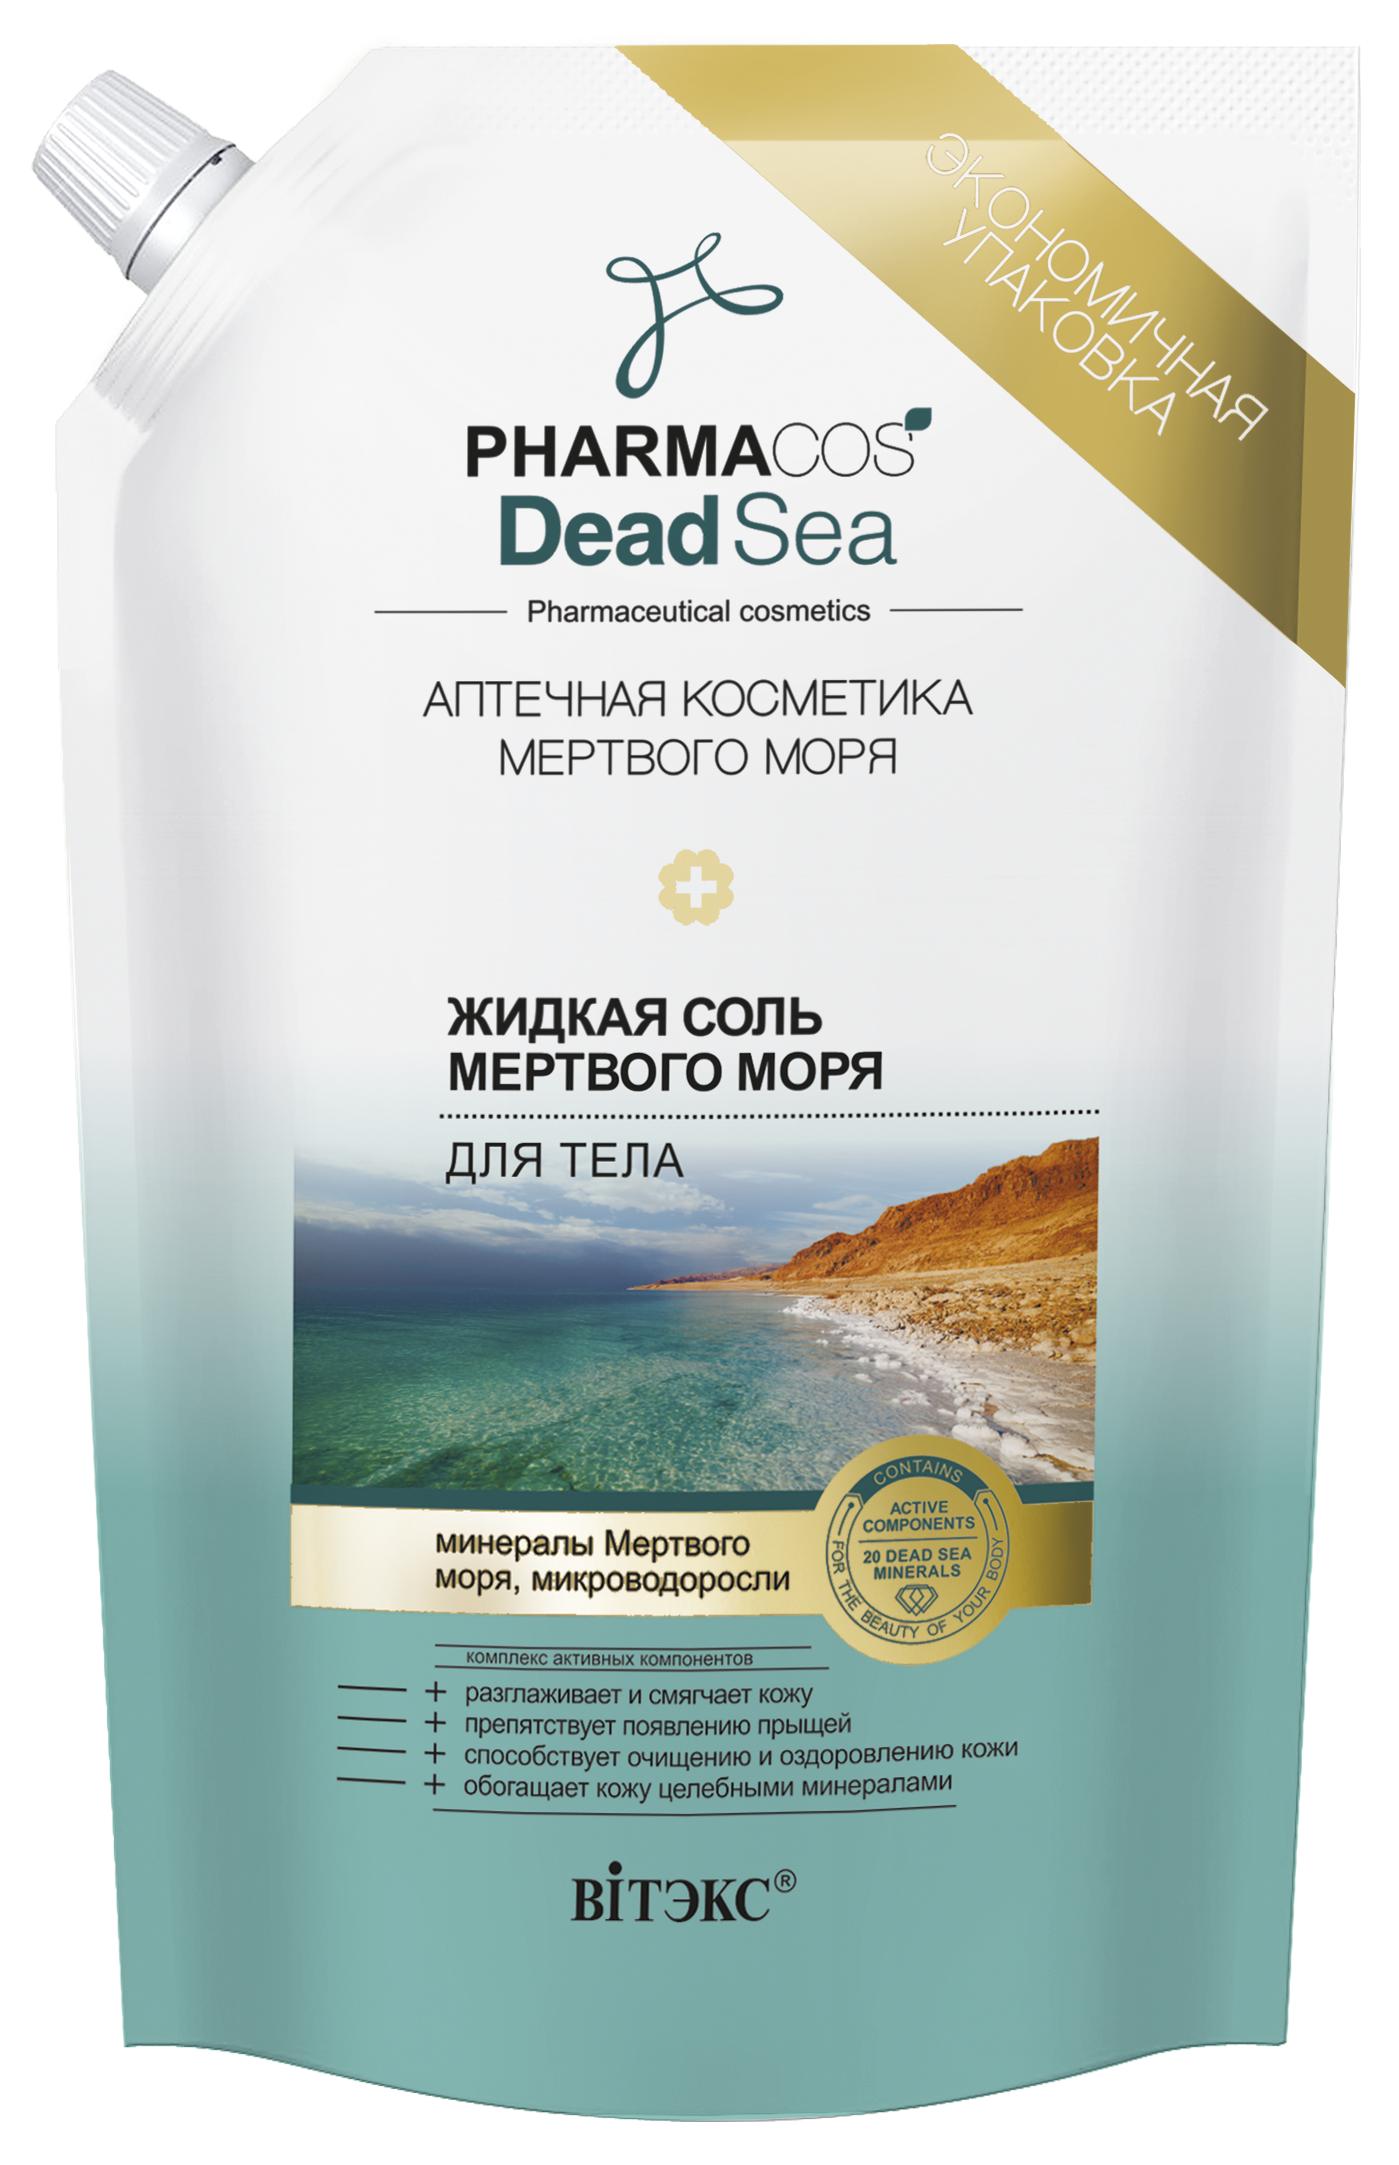 Соль Мертвого моря применение и свойства